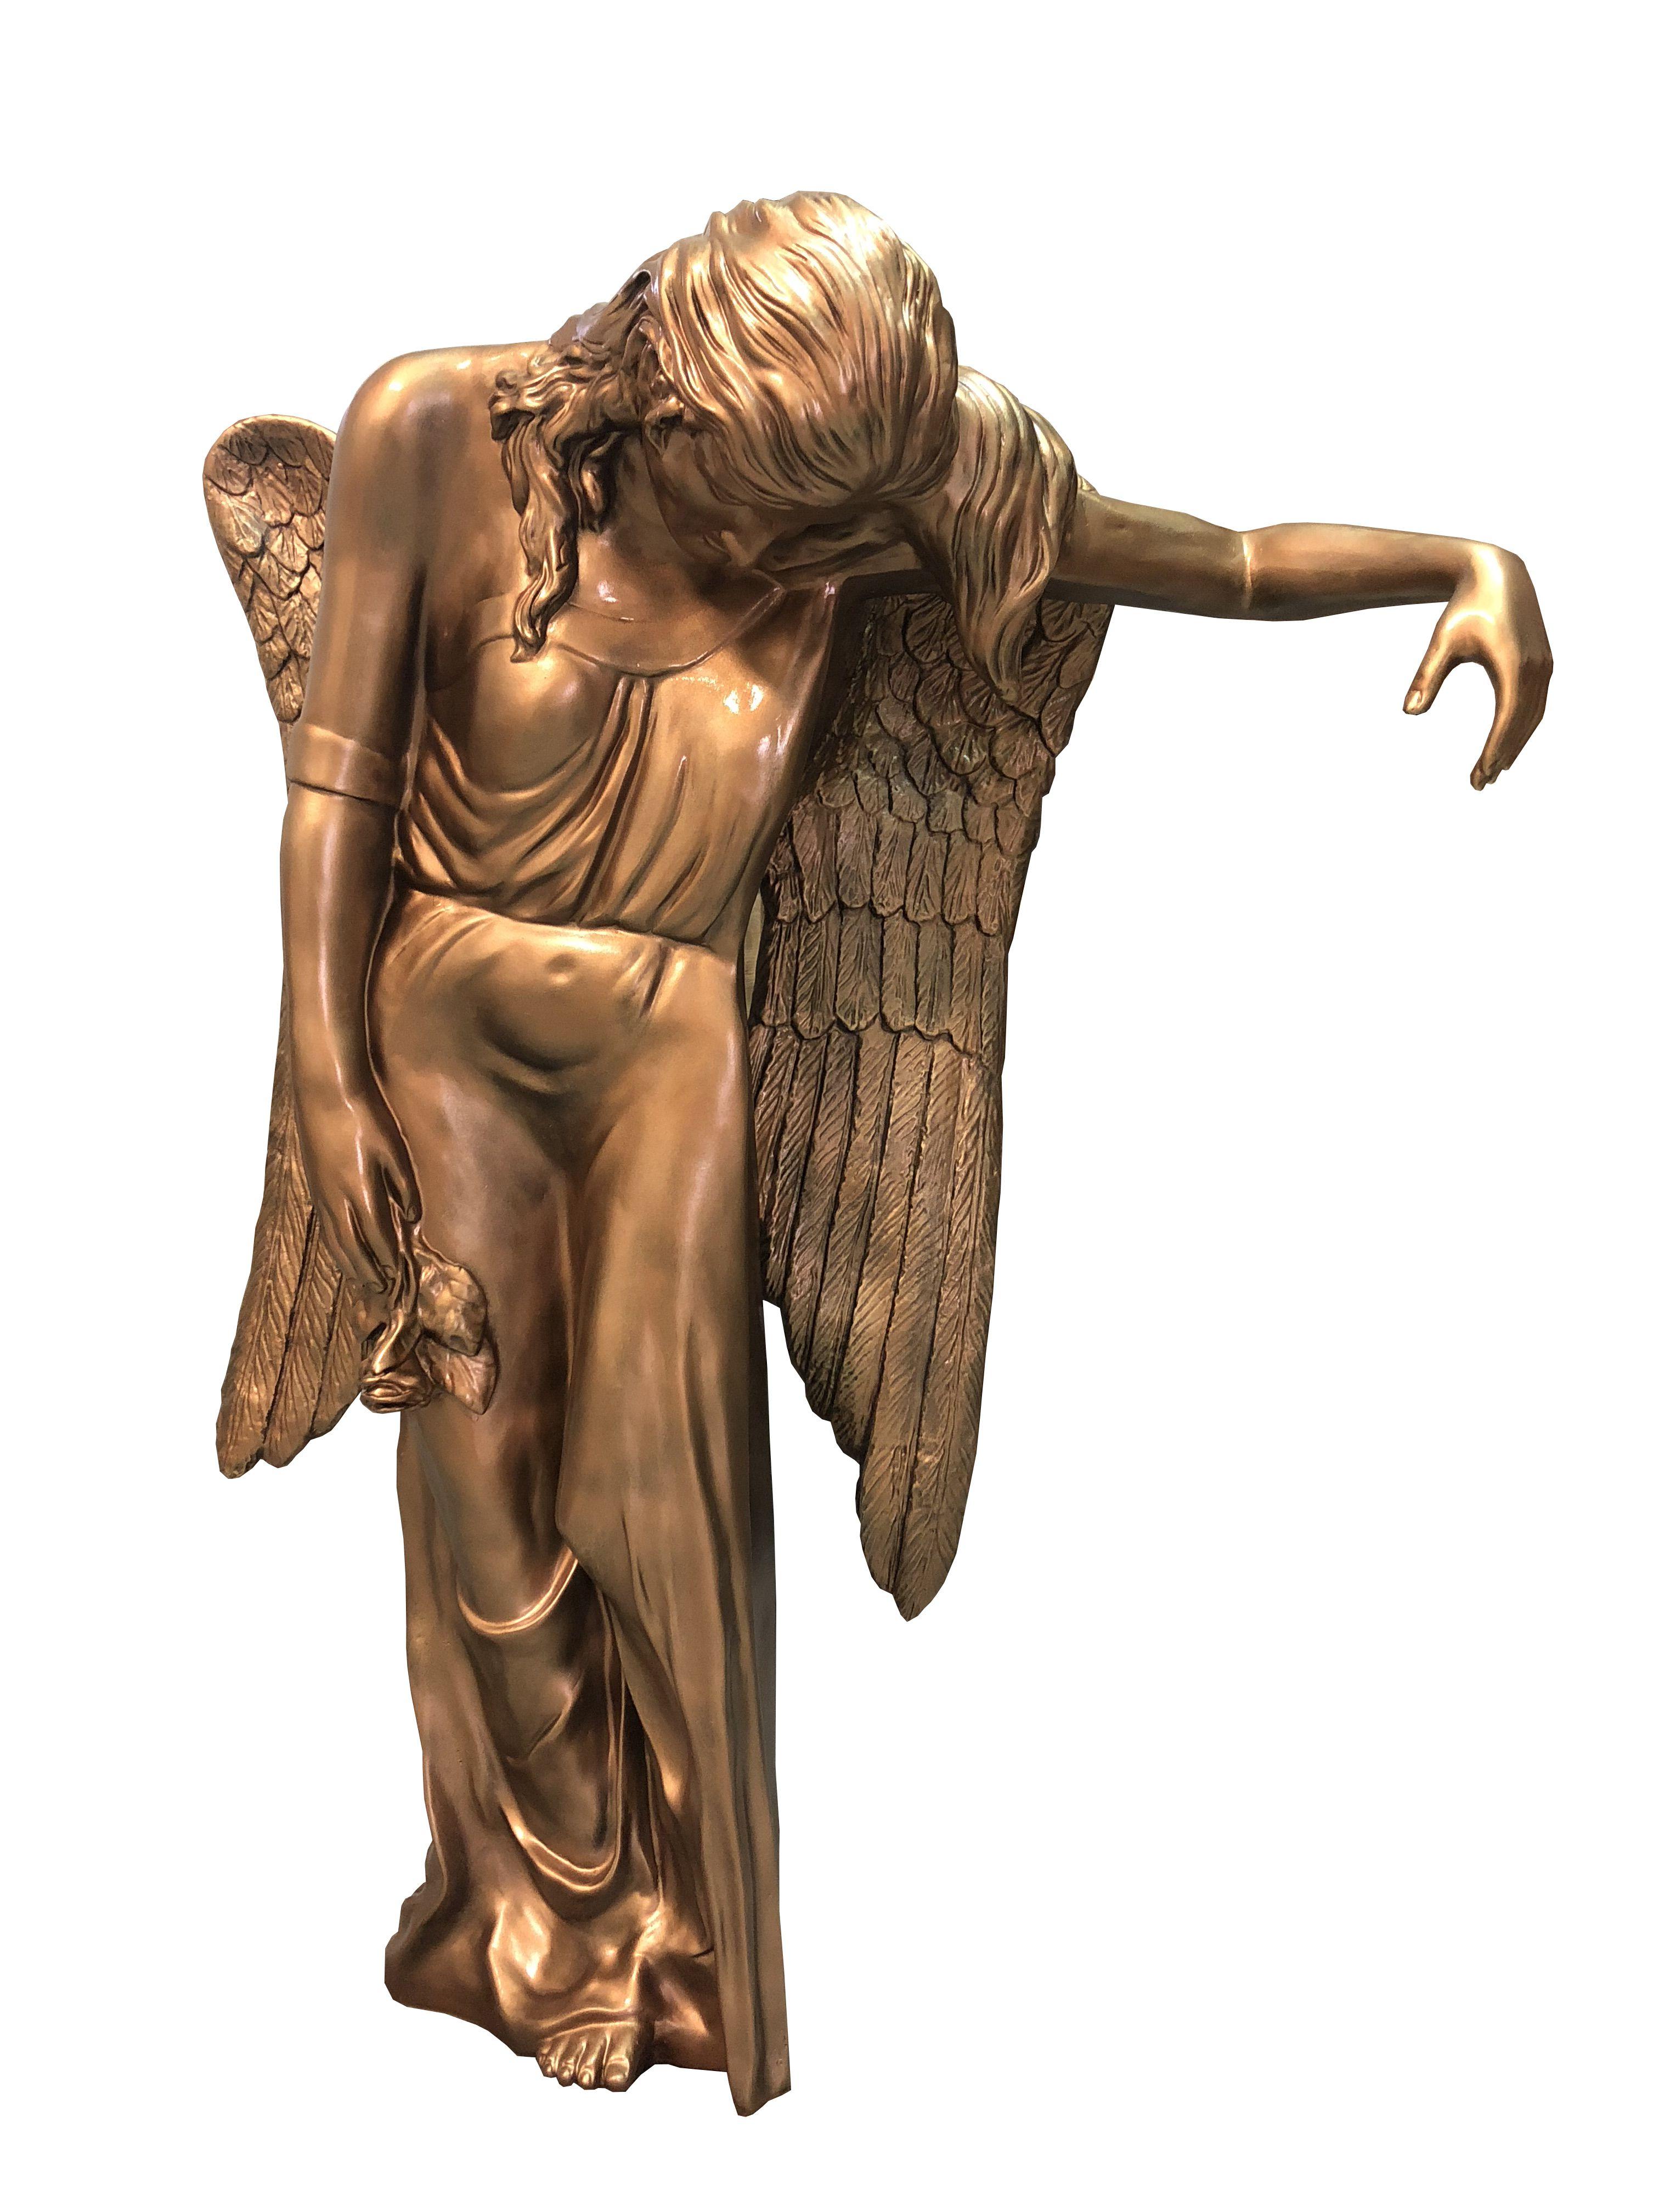 Aniol placzacy - rzezba nagrobna